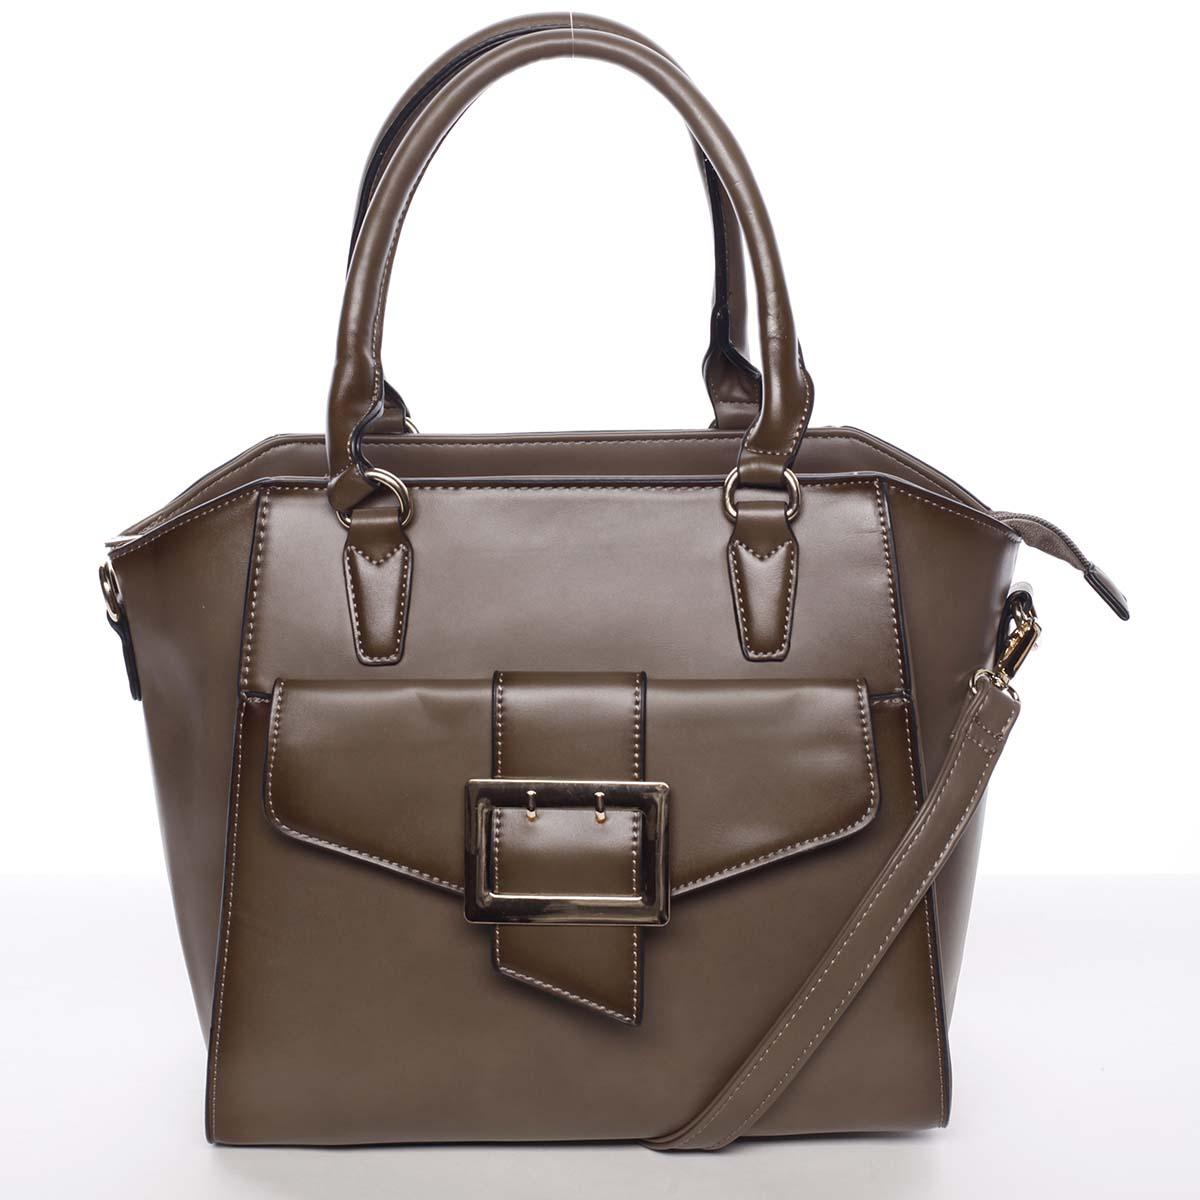 Luxusní dámská khaki kabelka přes rameno - MARIA C Thia